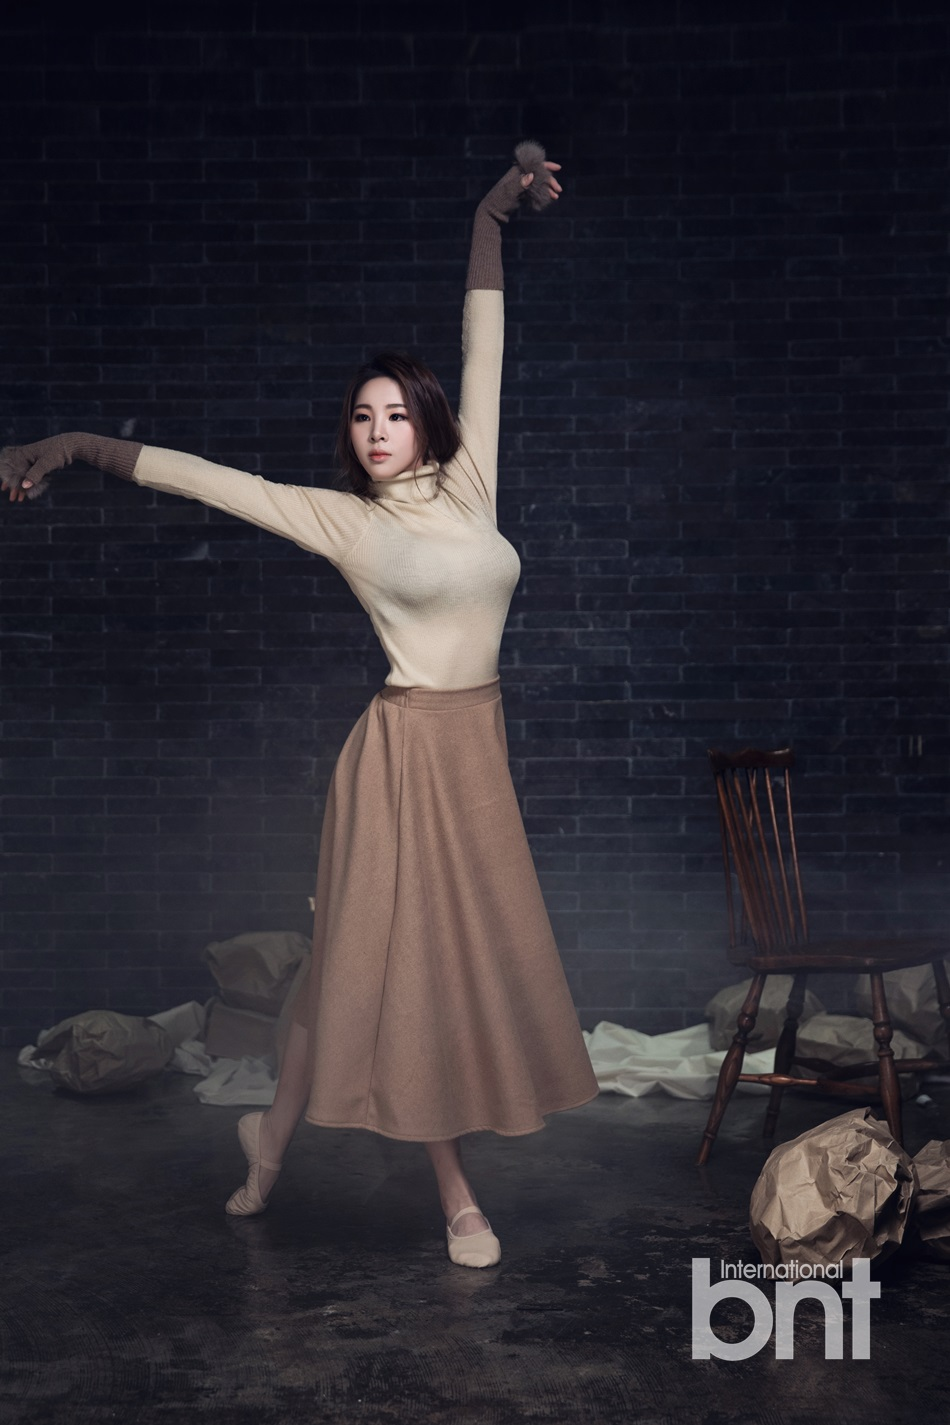 韩星申秀智黑丝魅惑写真 舞蹈精灵尽显傲人曲线